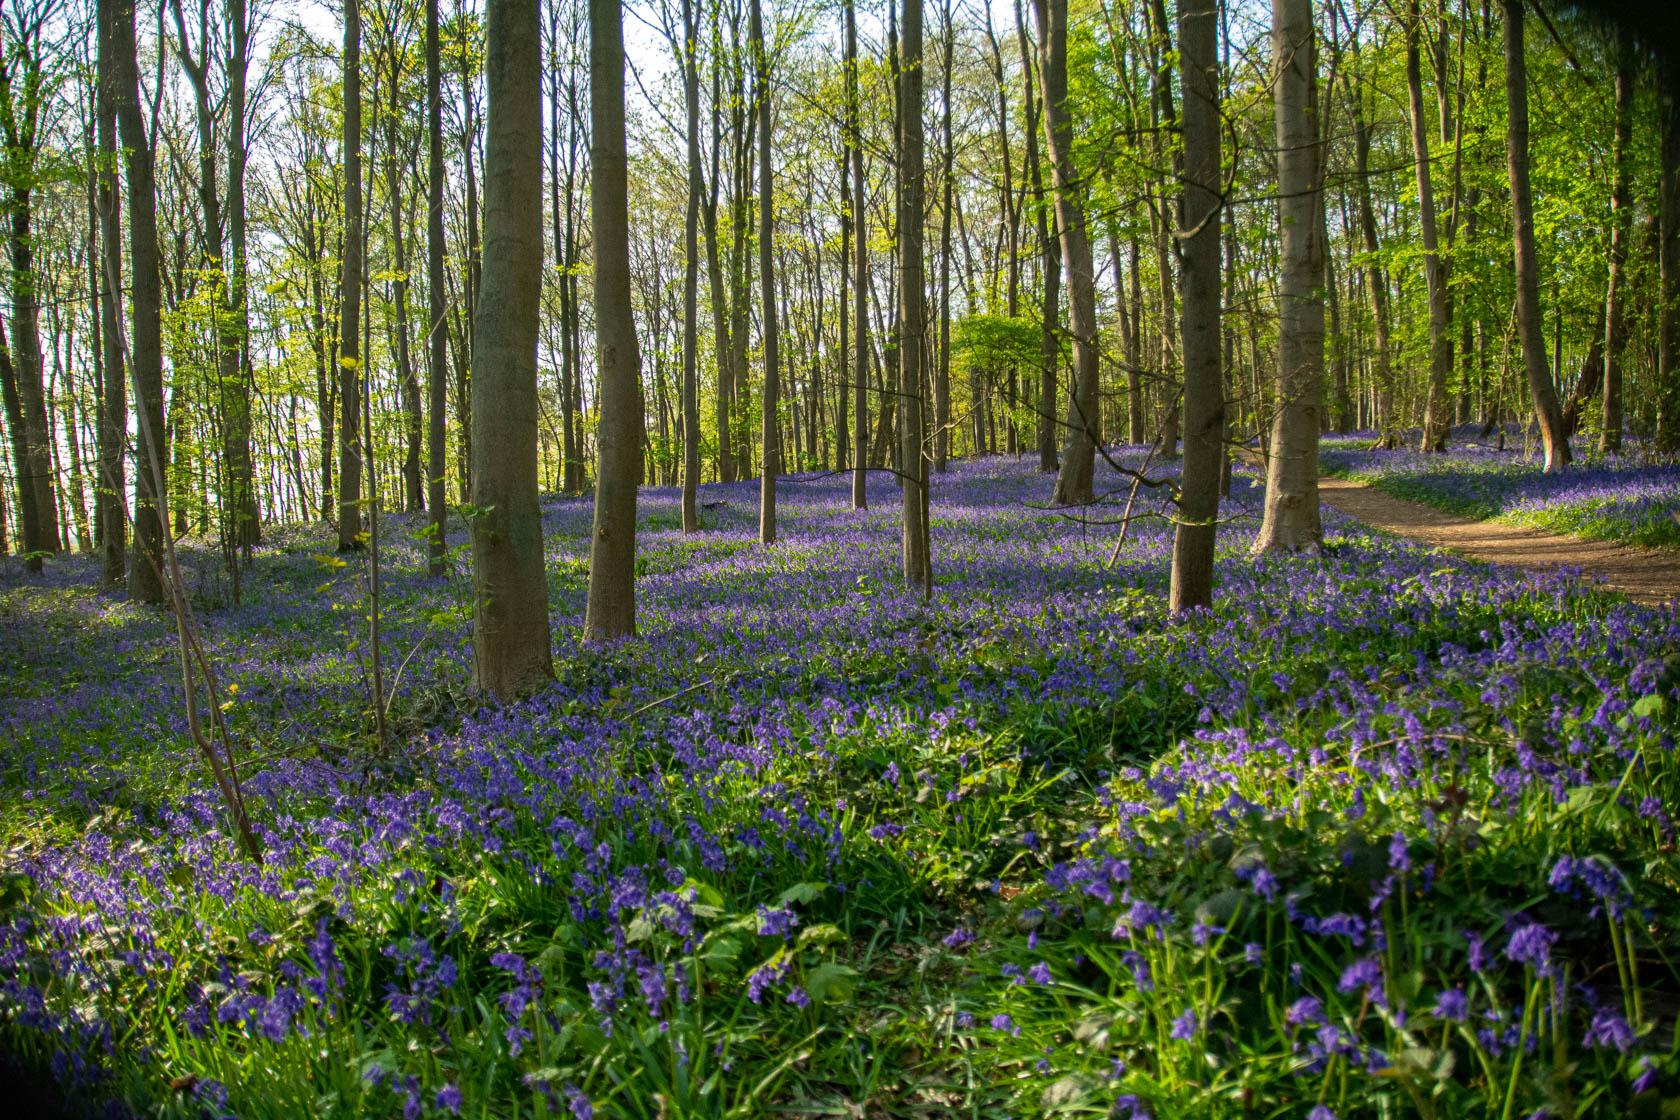 Die blauen Blumen – Hasenglöckchen